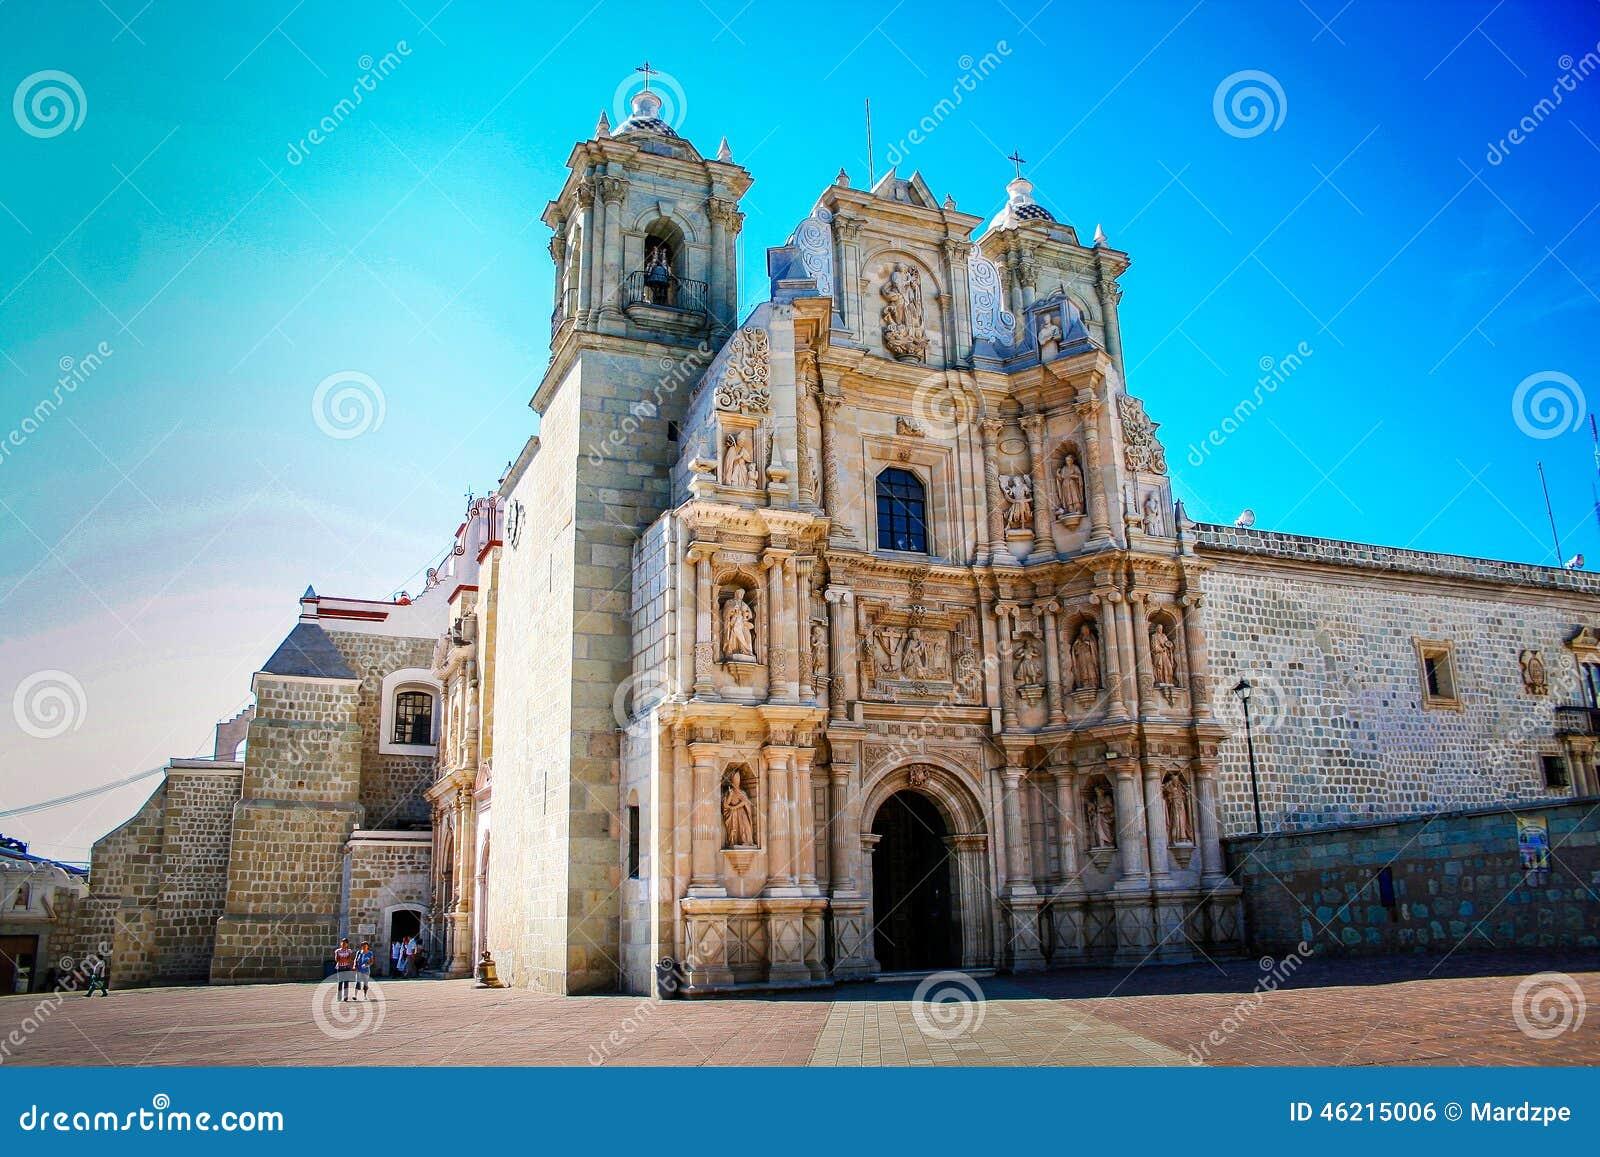 Iglesia en la ciudad cielo azul de Oaxaca, México